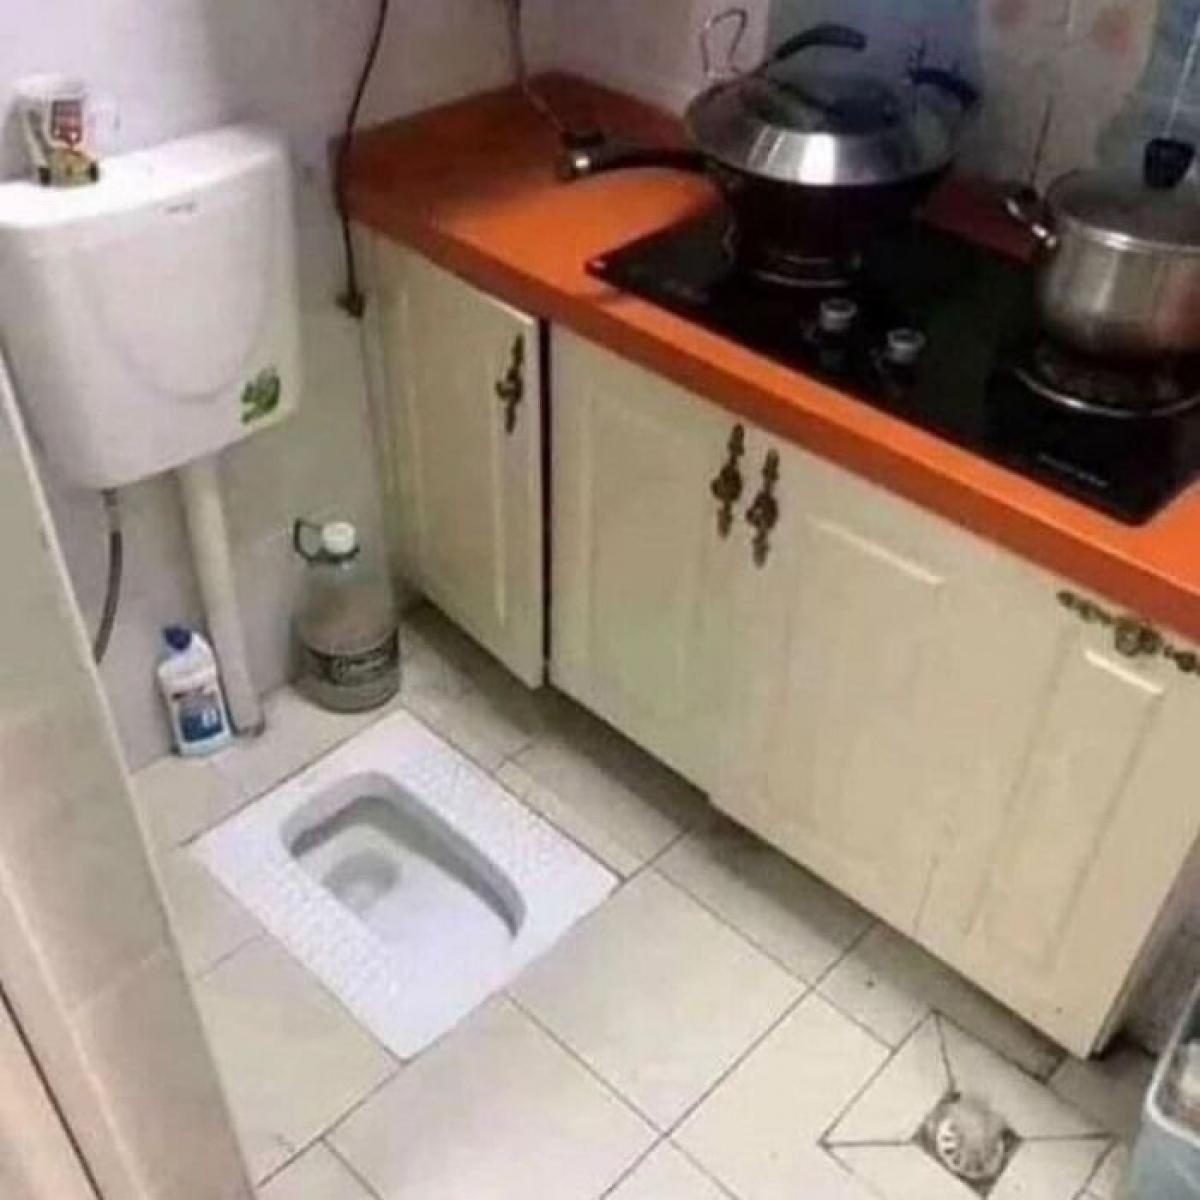 Thắc mắc khó hiểu khi chủ nhà đặt bồn vệ sinh cạnh tủ bếp.